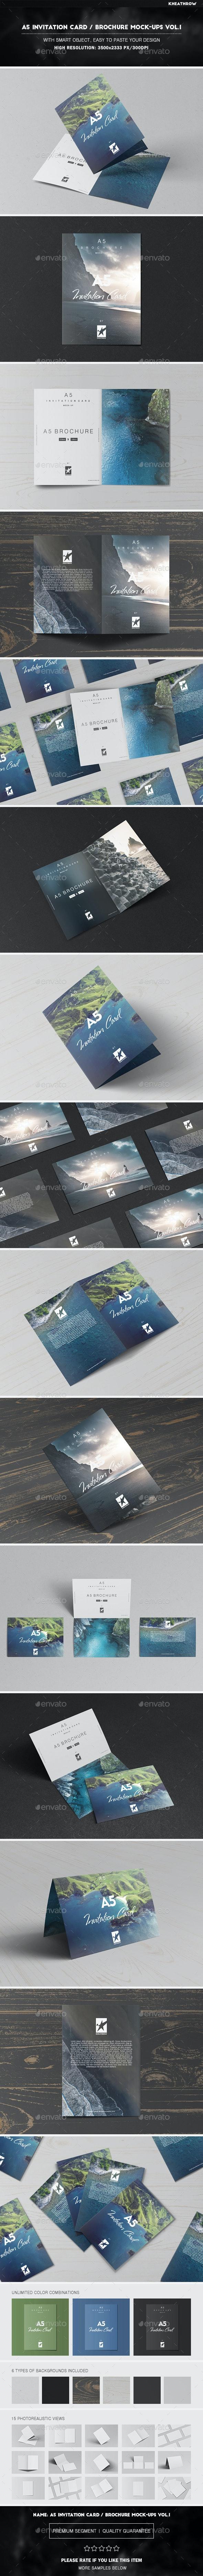 A5 Invitation Card / Brochure Mock-Ups Vol.1 - Brochures Print